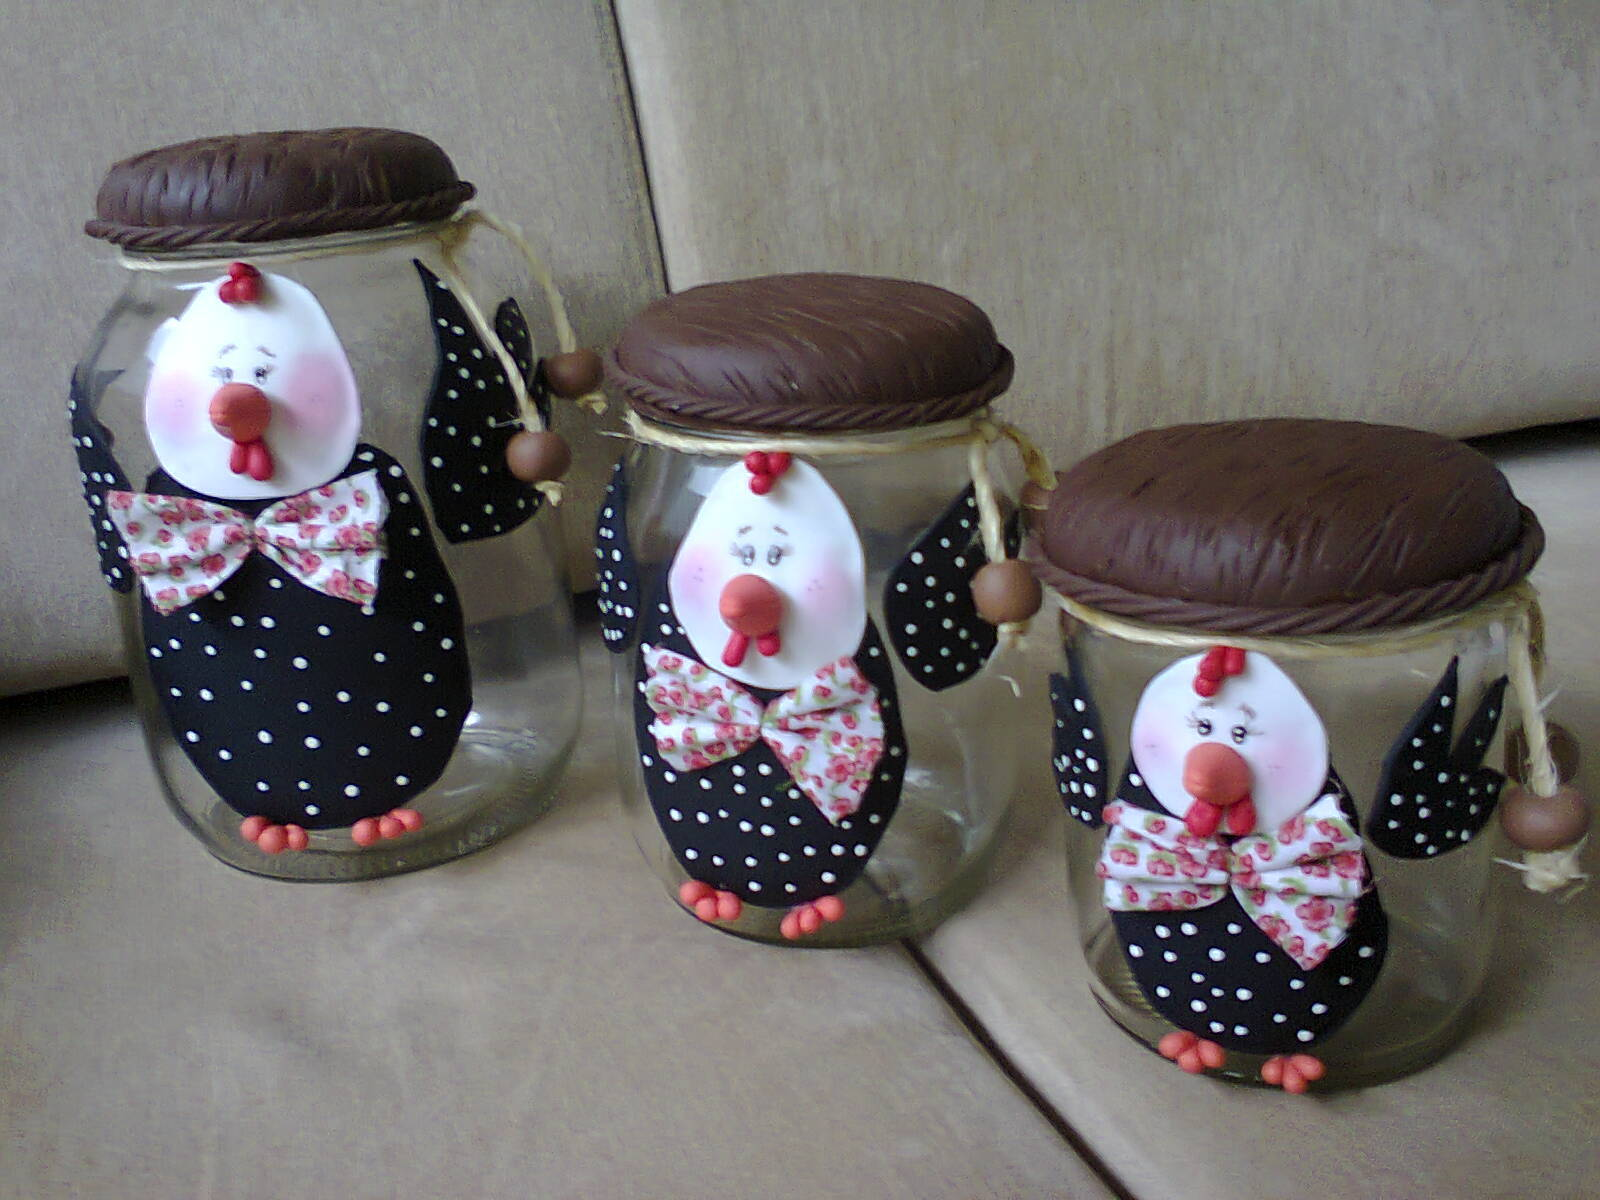 #3E558D potes vidros decorados potes vidros decorados potes vidros decorados 1560 Vidros De Janelas Decorados